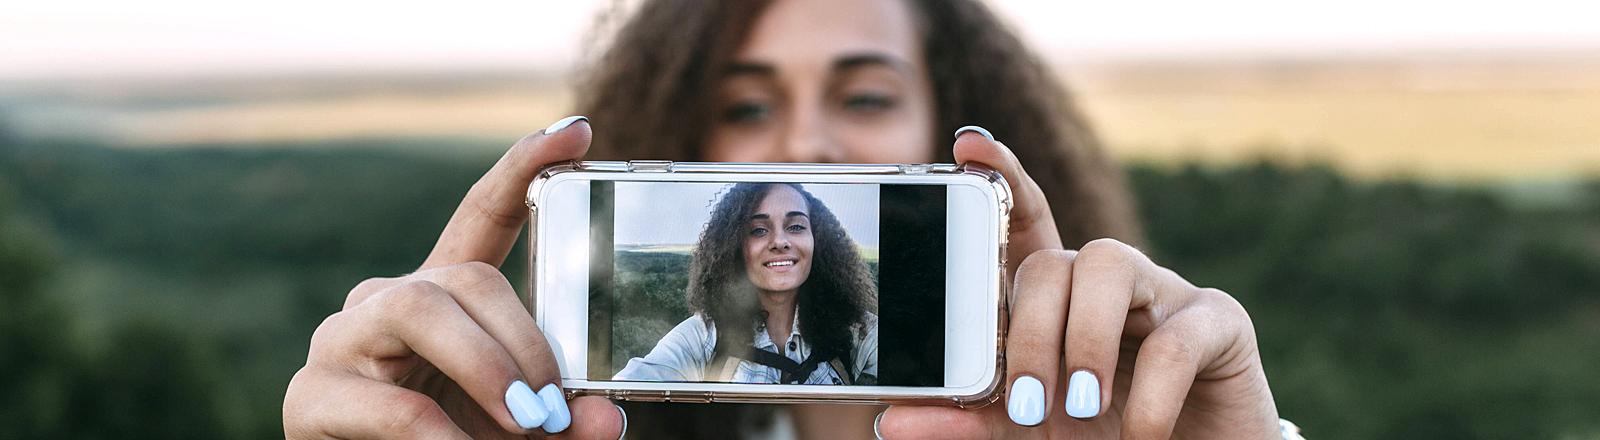 Eine Frau macht ein Selfie von sich